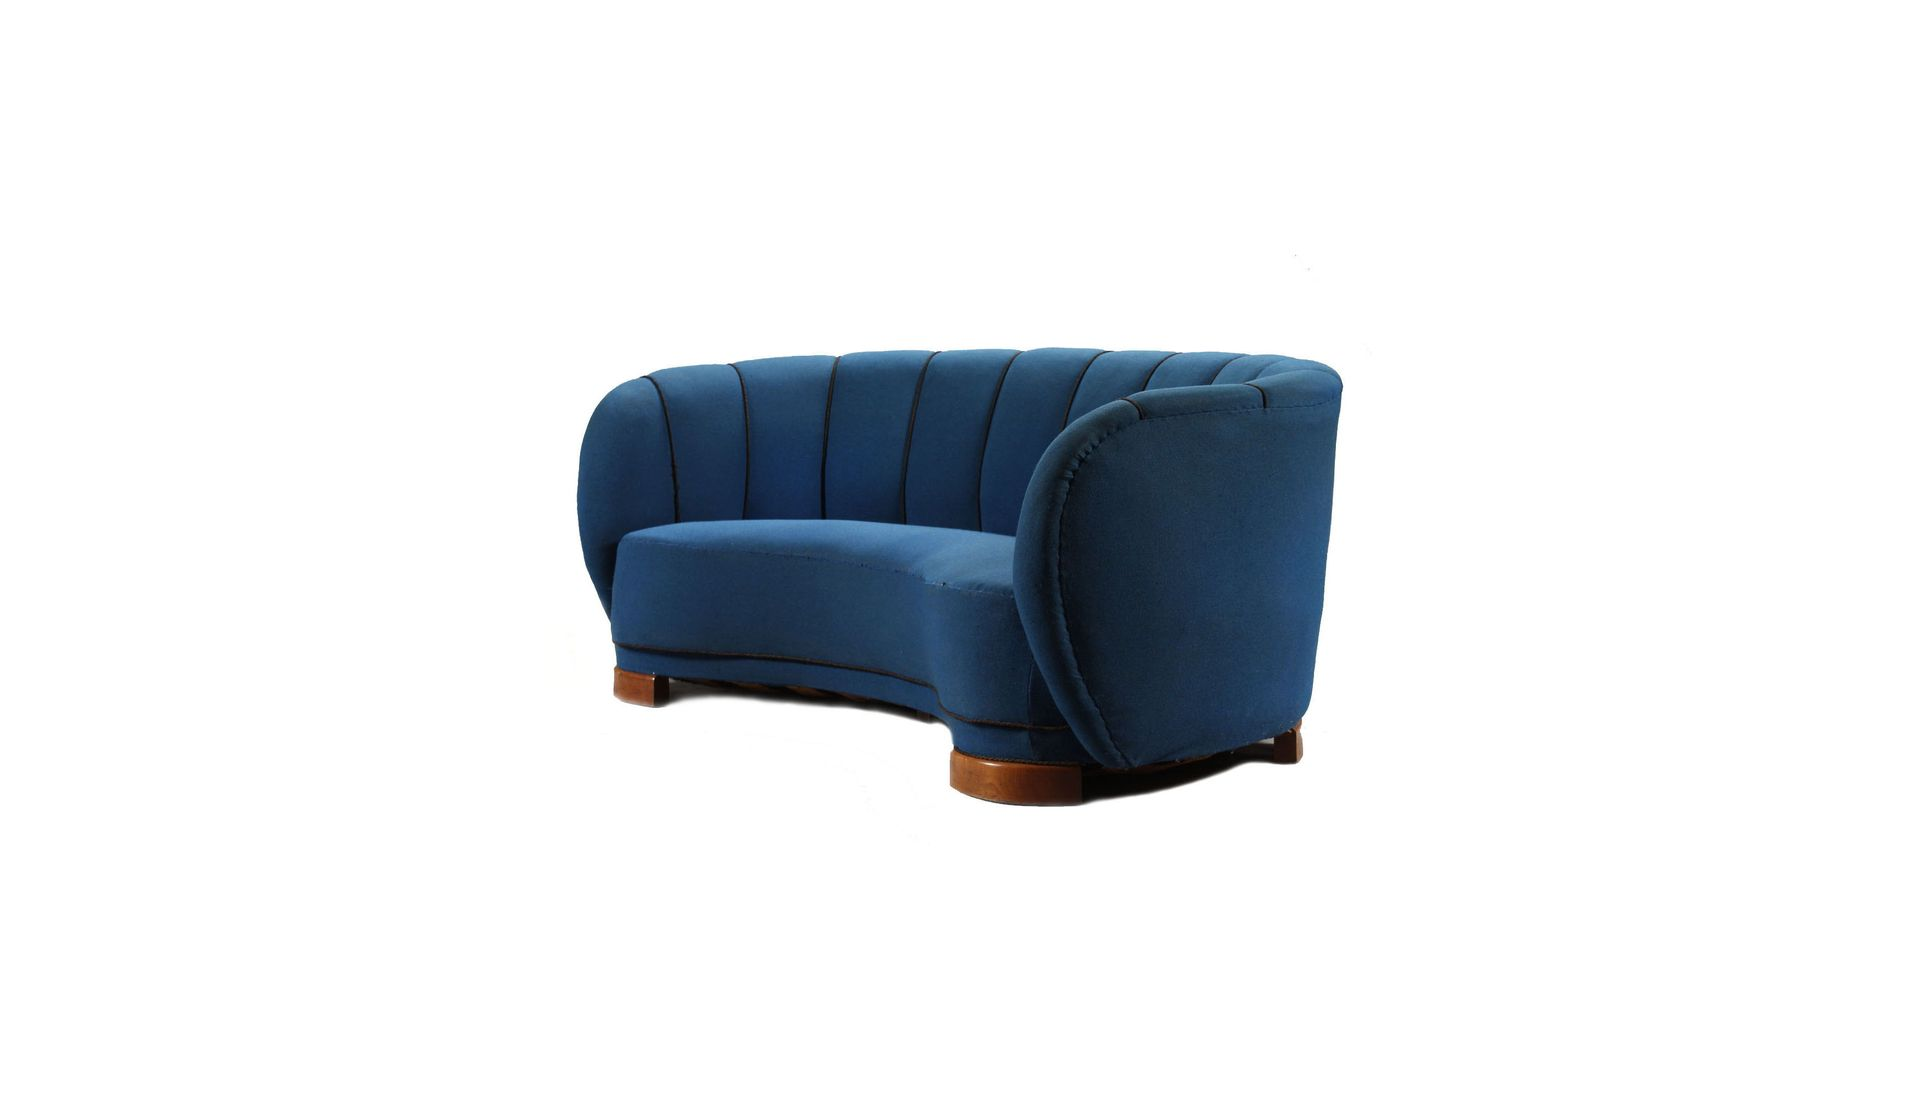 geschwungenes d nisches 3 sitzer sofa 1940er schmiede uwe beer. Black Bedroom Furniture Sets. Home Design Ideas